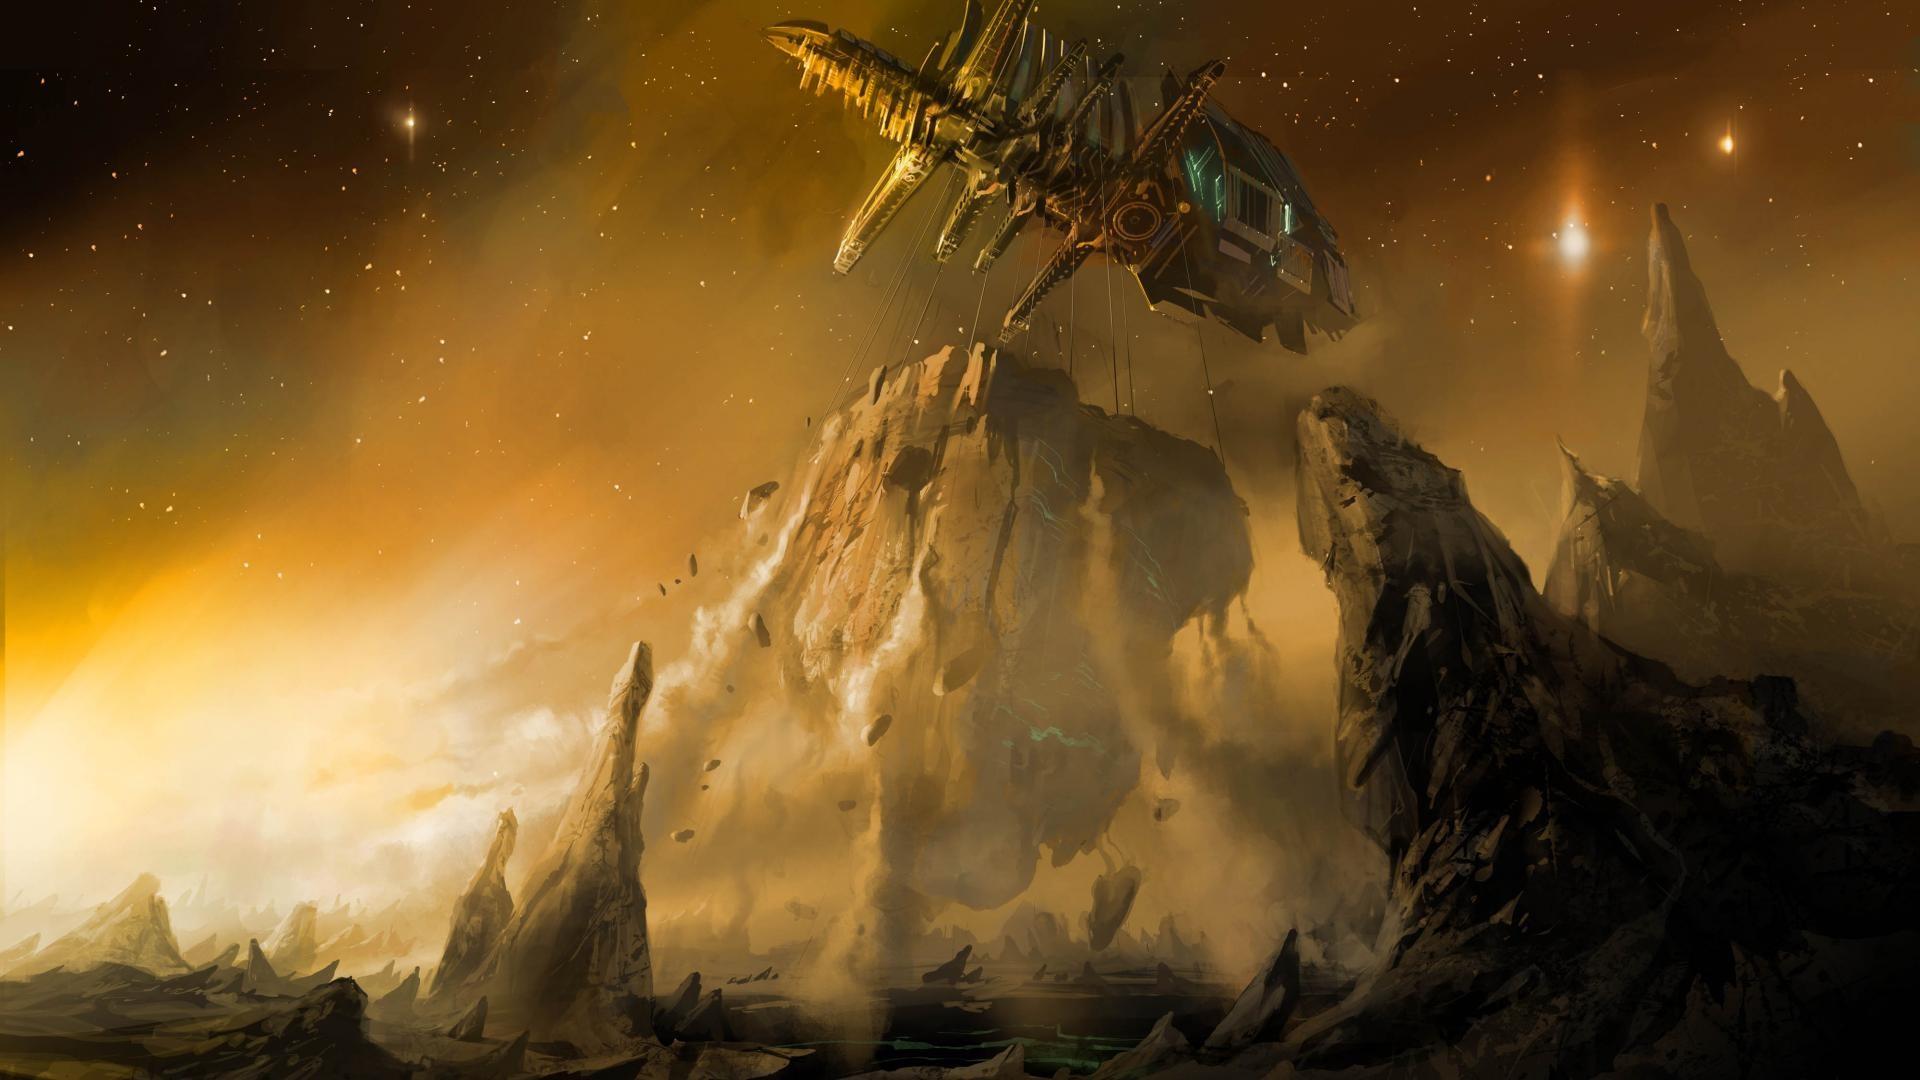 https://www.blirk.net/wallpapers/1920×1080/spaceship-wallpaper-18.jpg    Fantasy and Sci-Fi Art   Pinterest   Illustration art, Sci fi and Art work